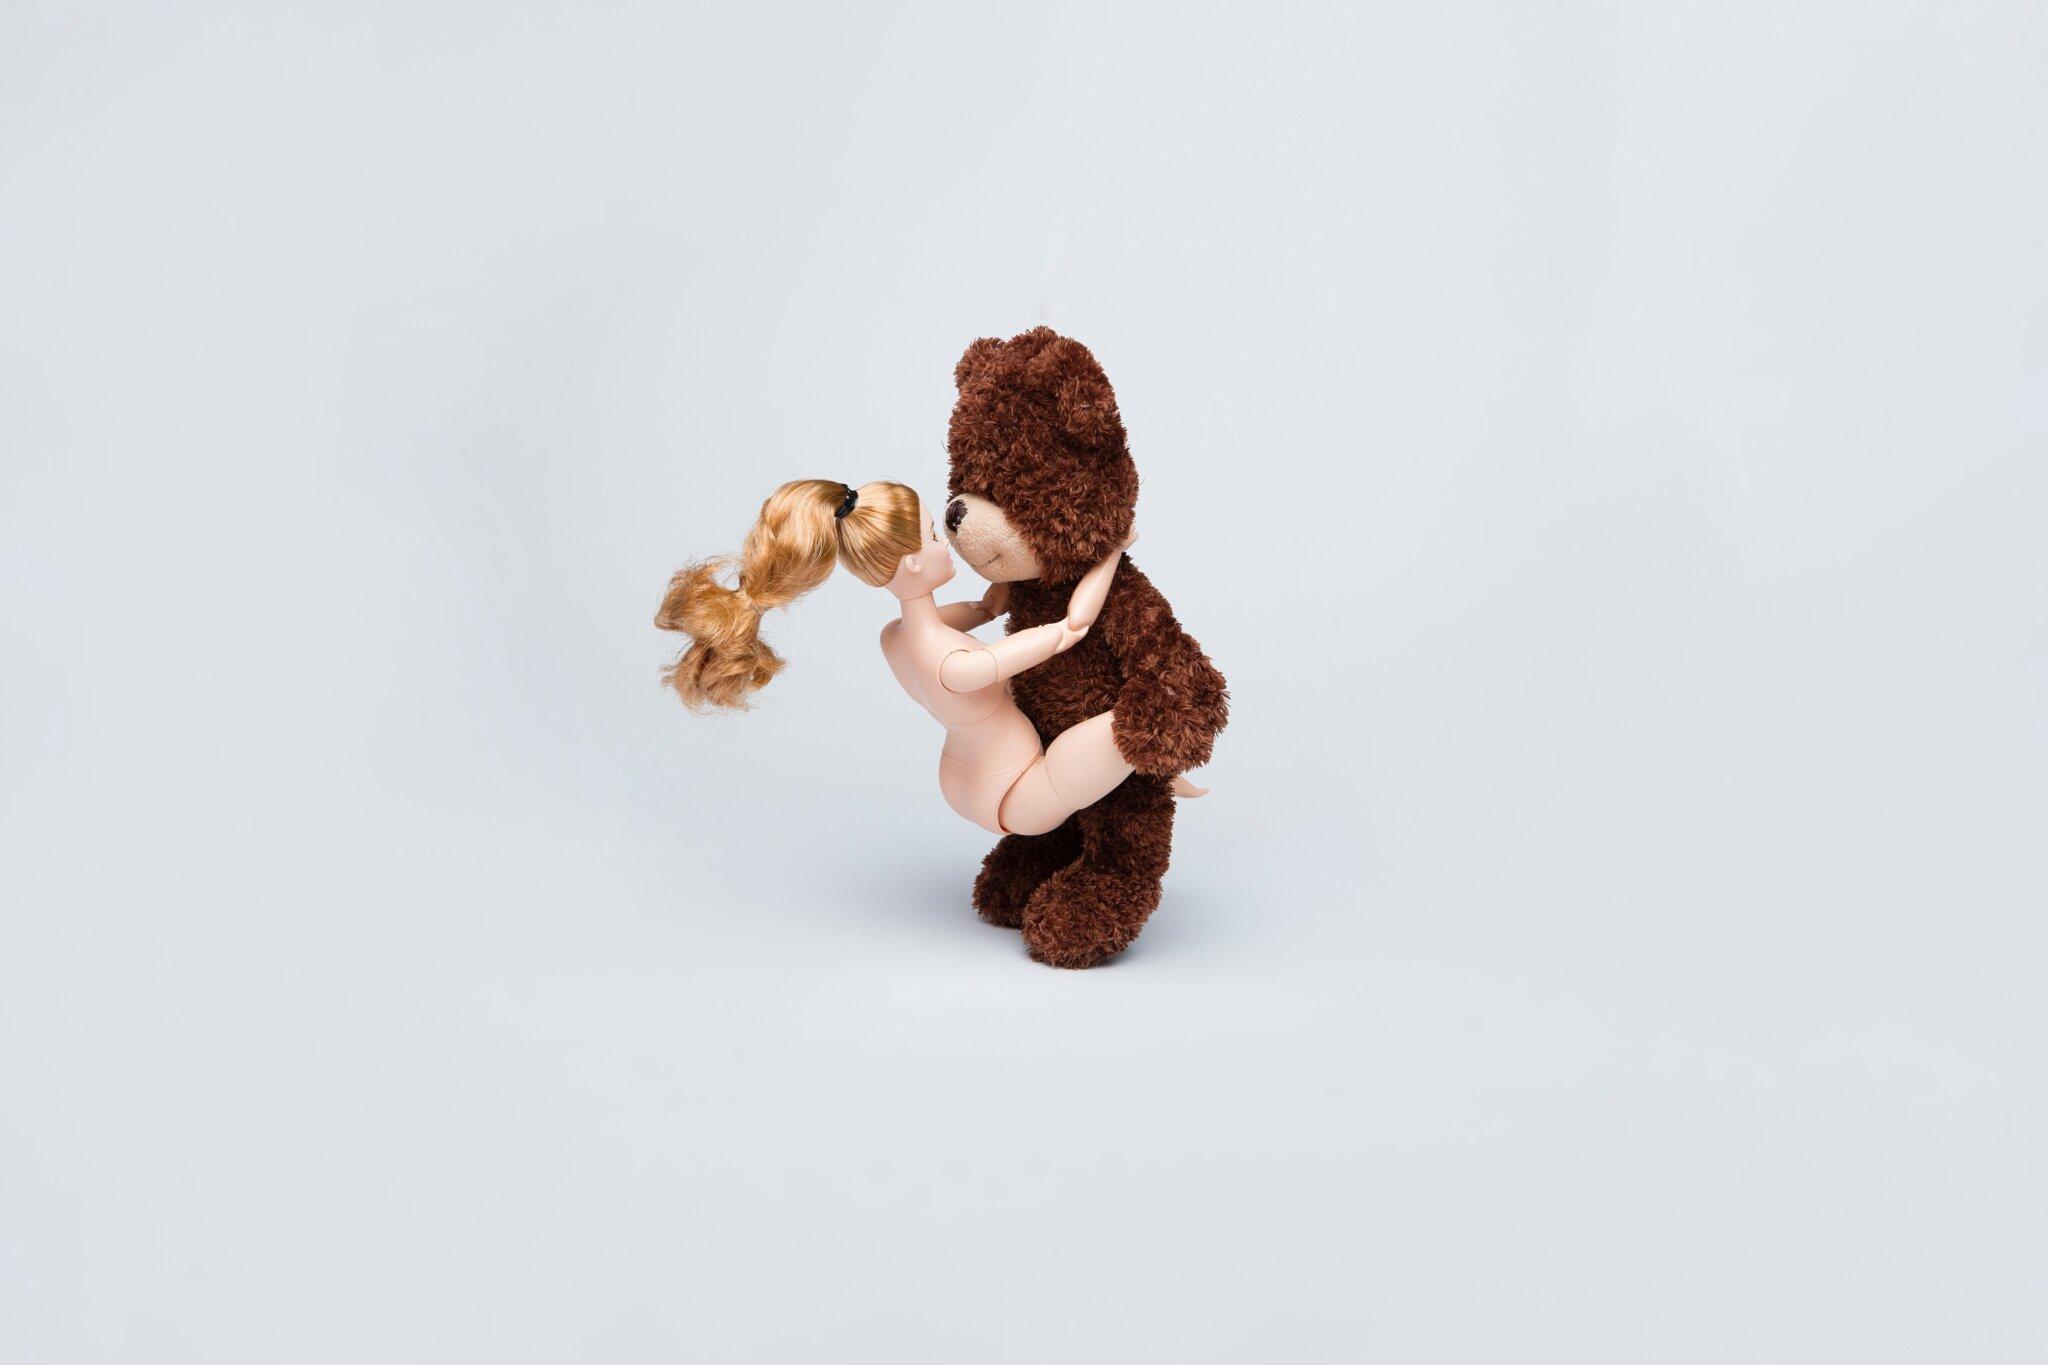 熊と人形のセックス